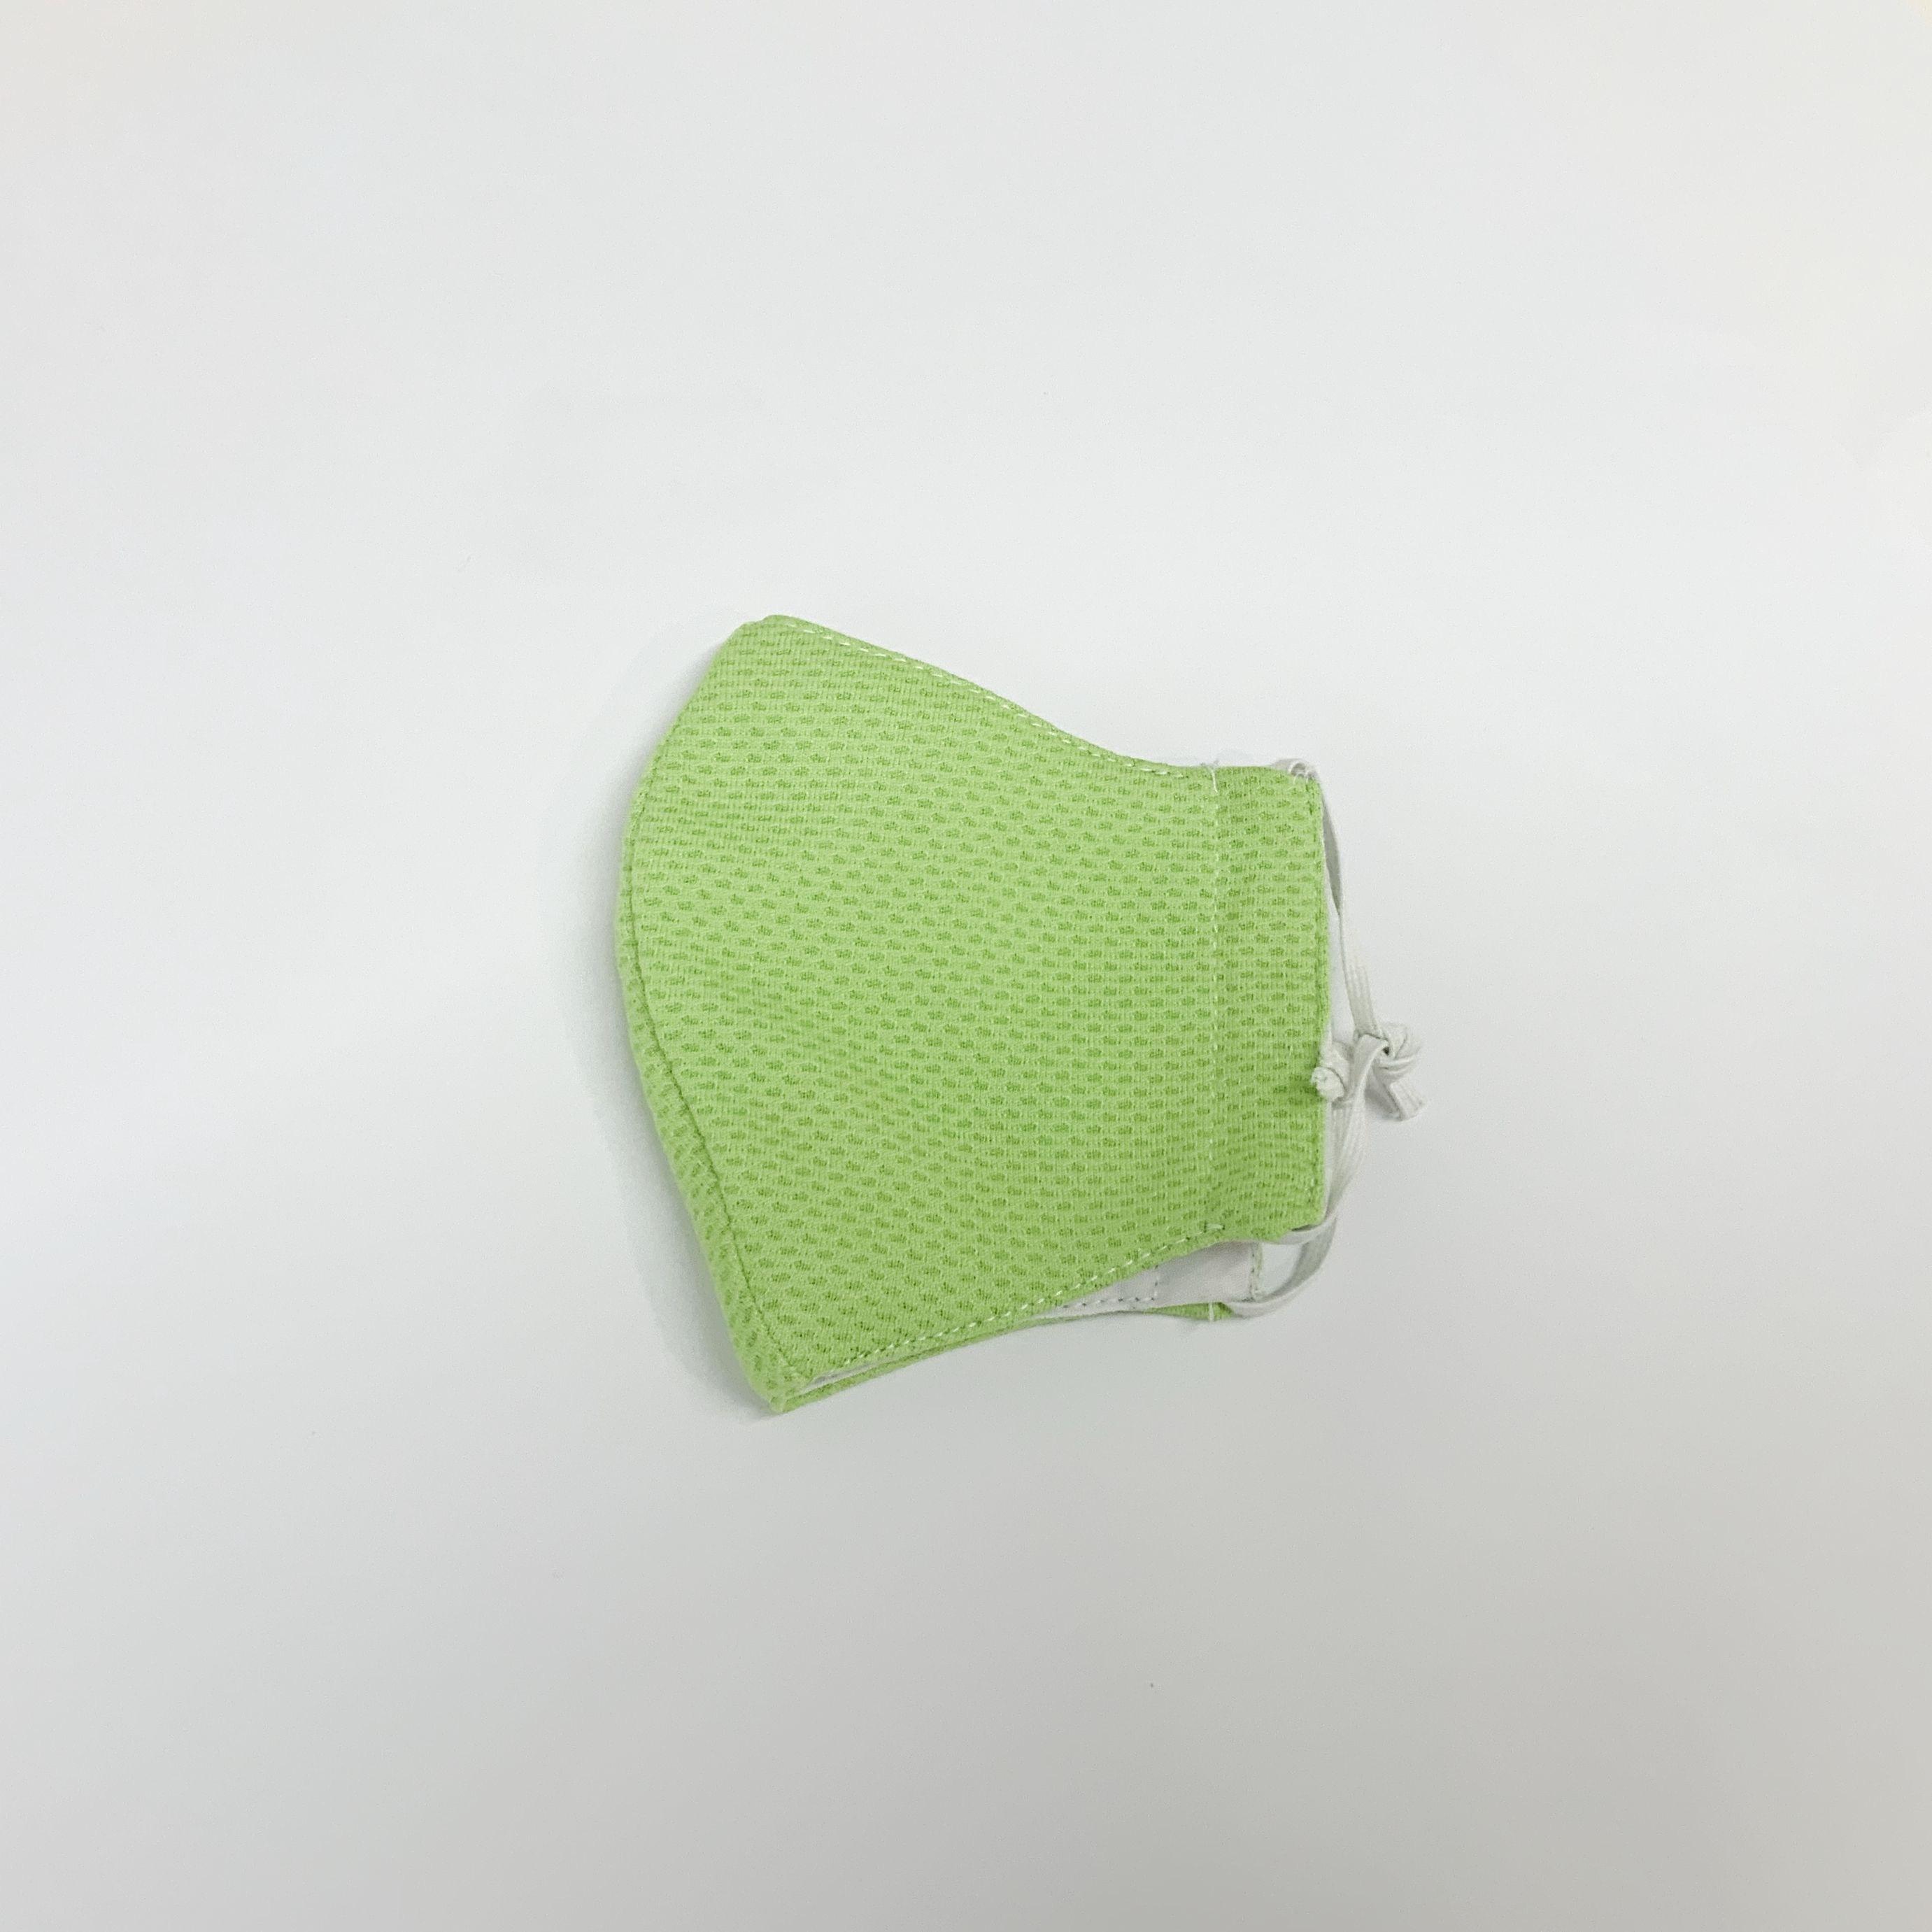 手作りマスク(緑)Sサイズ